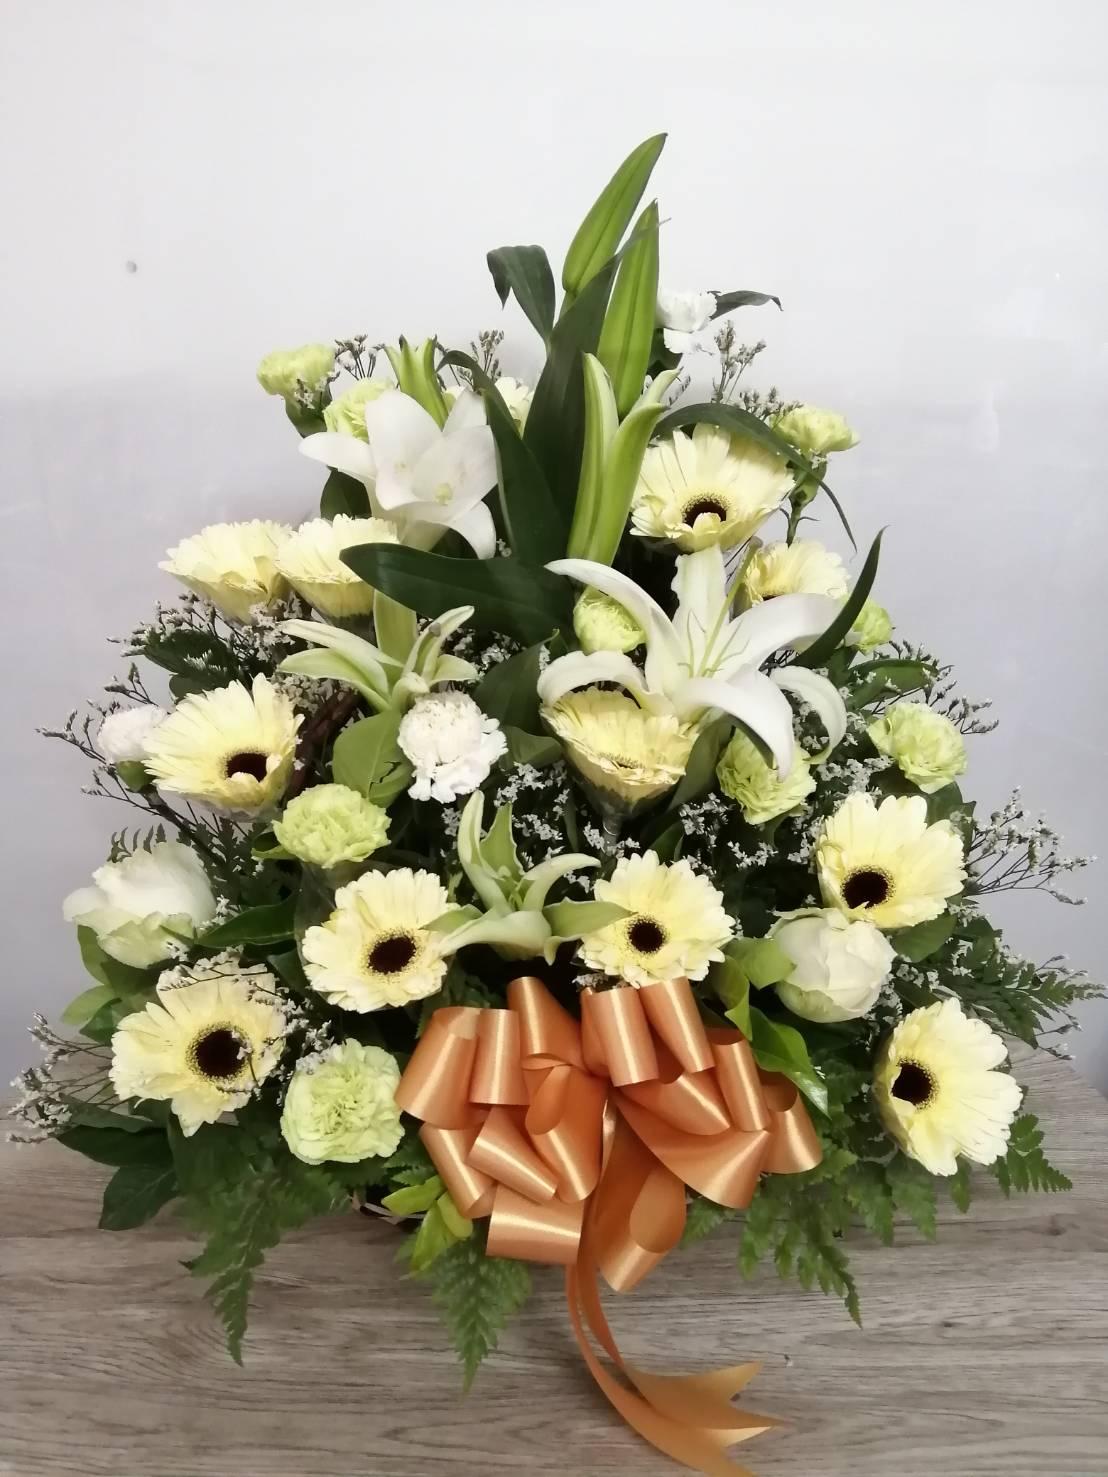 กระเช้าดอกไม้สดโทนสีขาว-เหลือง ดูสดชื่น สบายตา ให้ความรู้สึกอบอุ่น